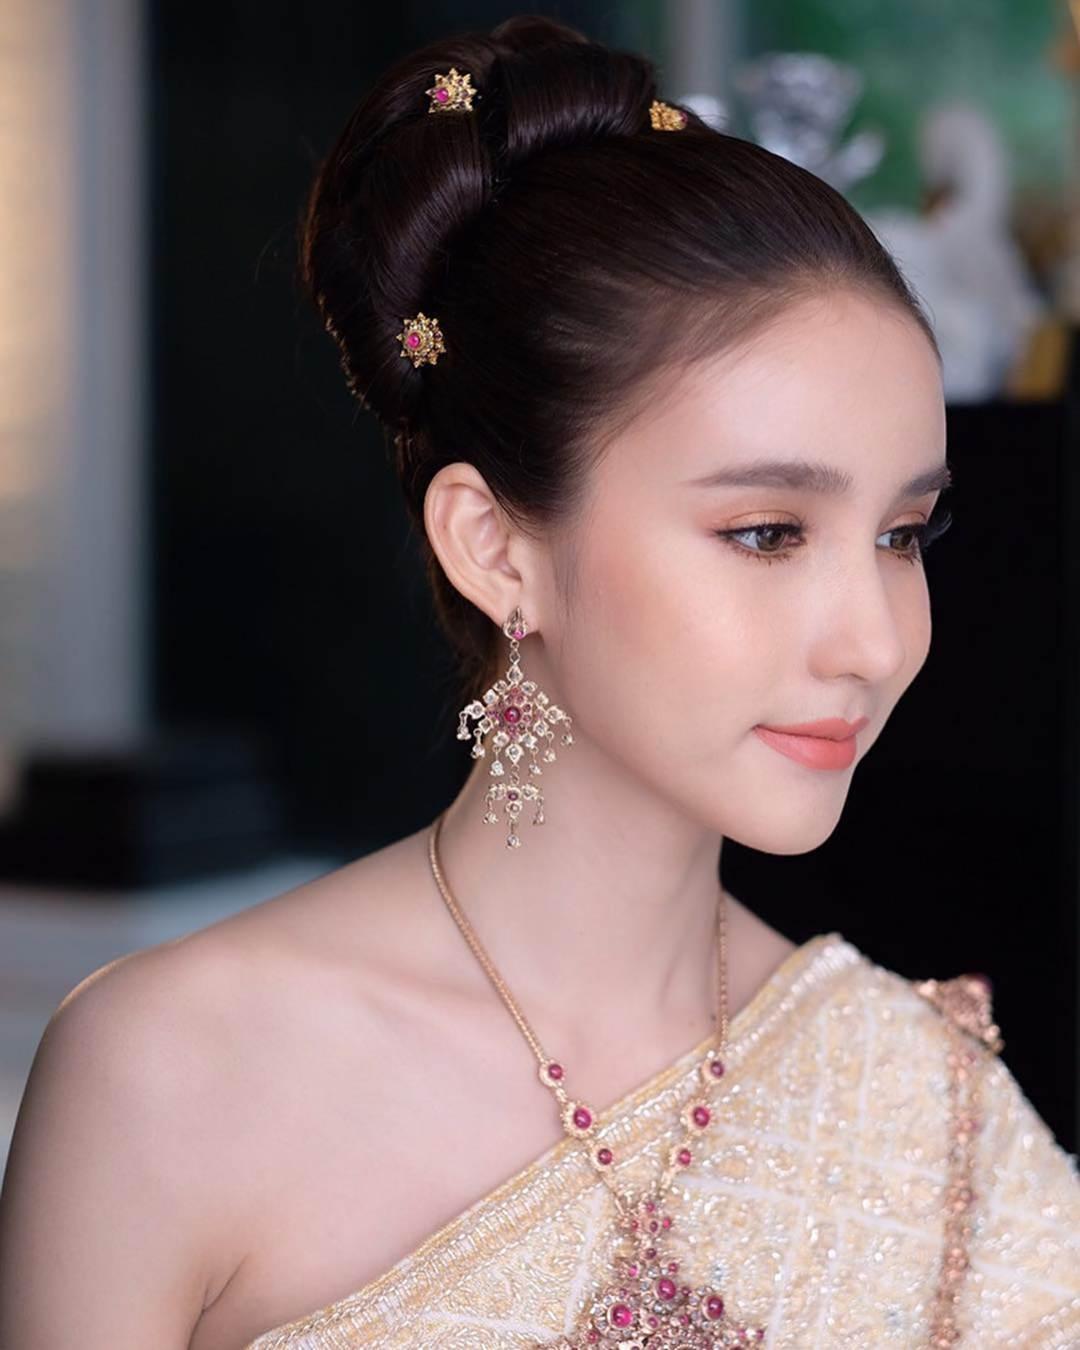 Nhan sắc xinh đẹp của nữ hoàng chuyển giới Thái Lan sau gần 2 năm-12